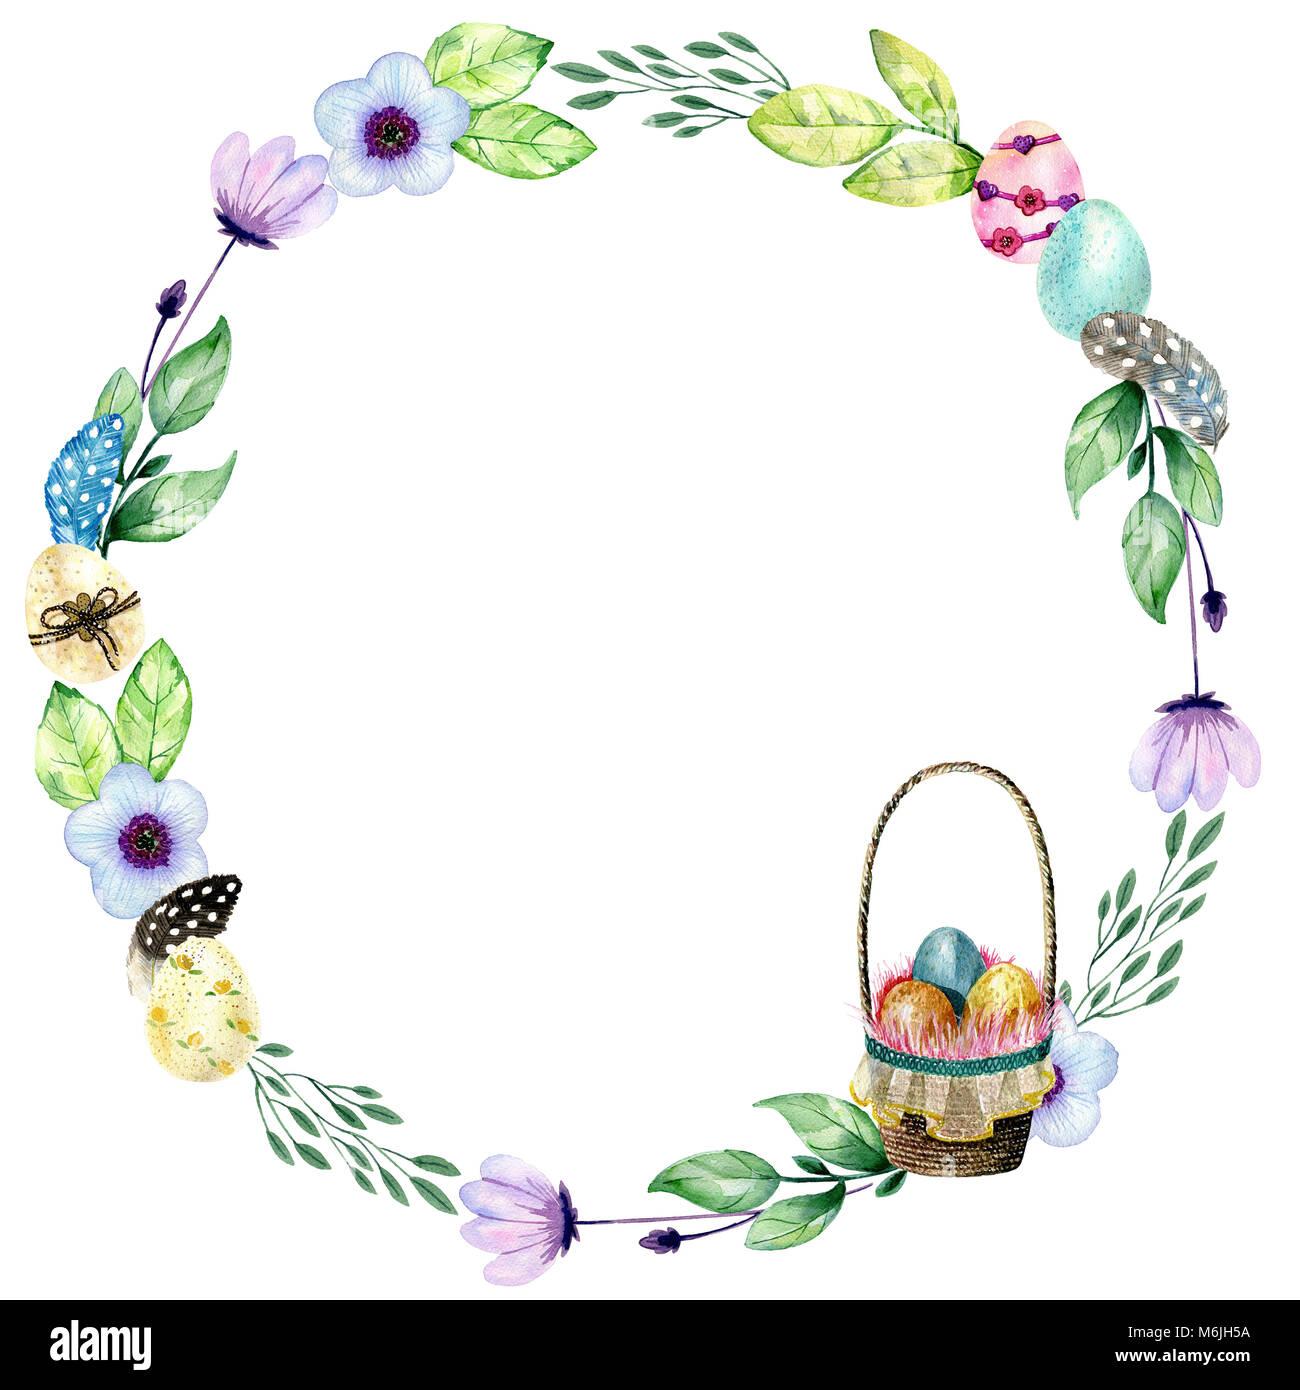 Handzeichnung Ostern Aquarell. Rahmen mit Korb mit Eiern und Blumen ...